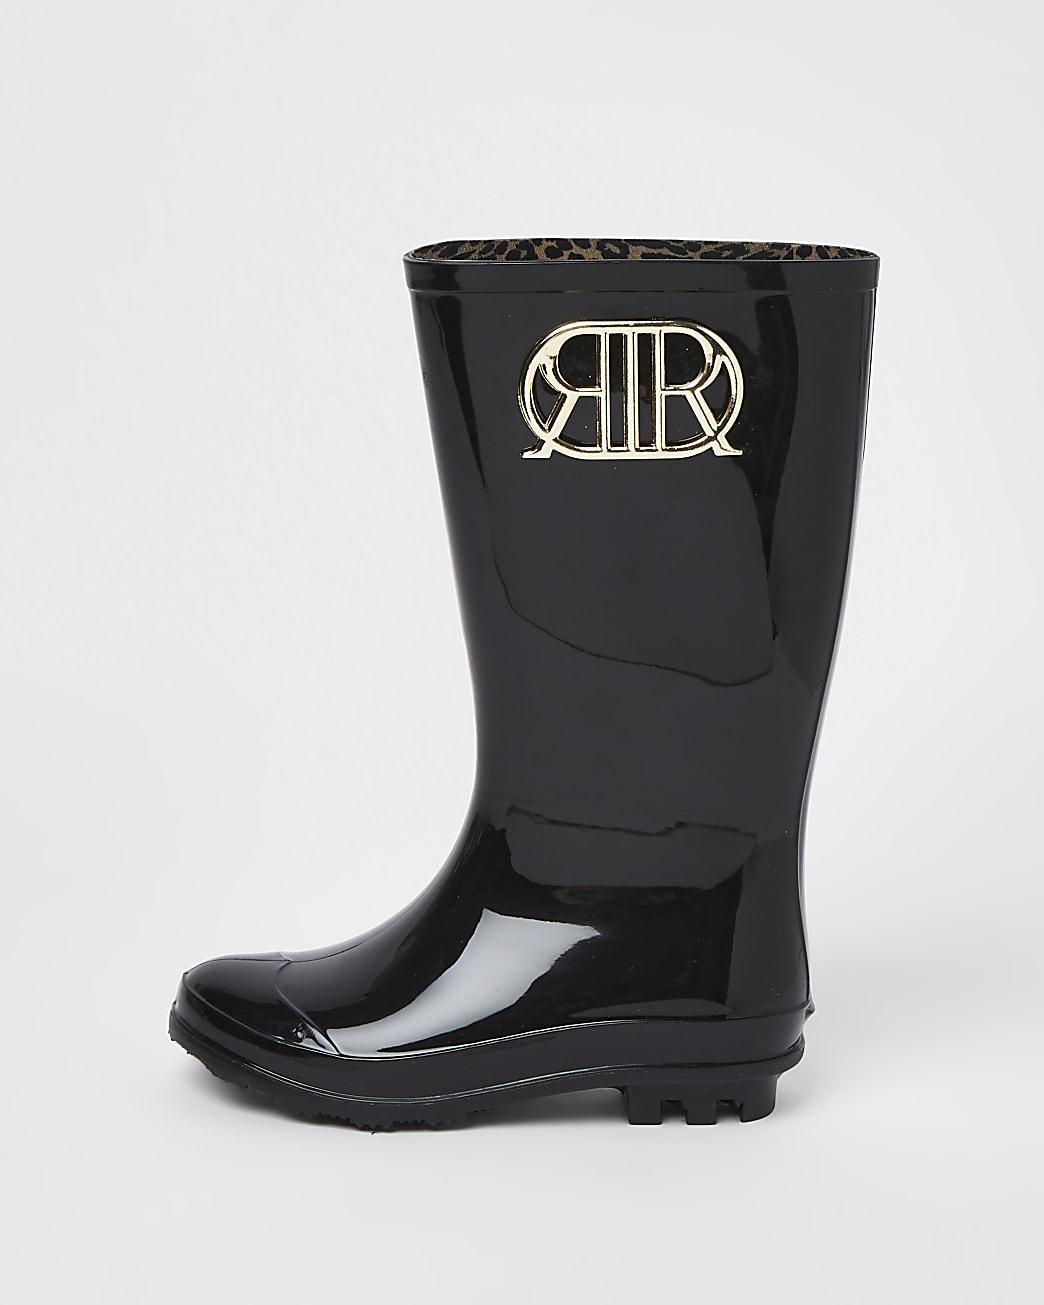 Girls black RIR wellie boots